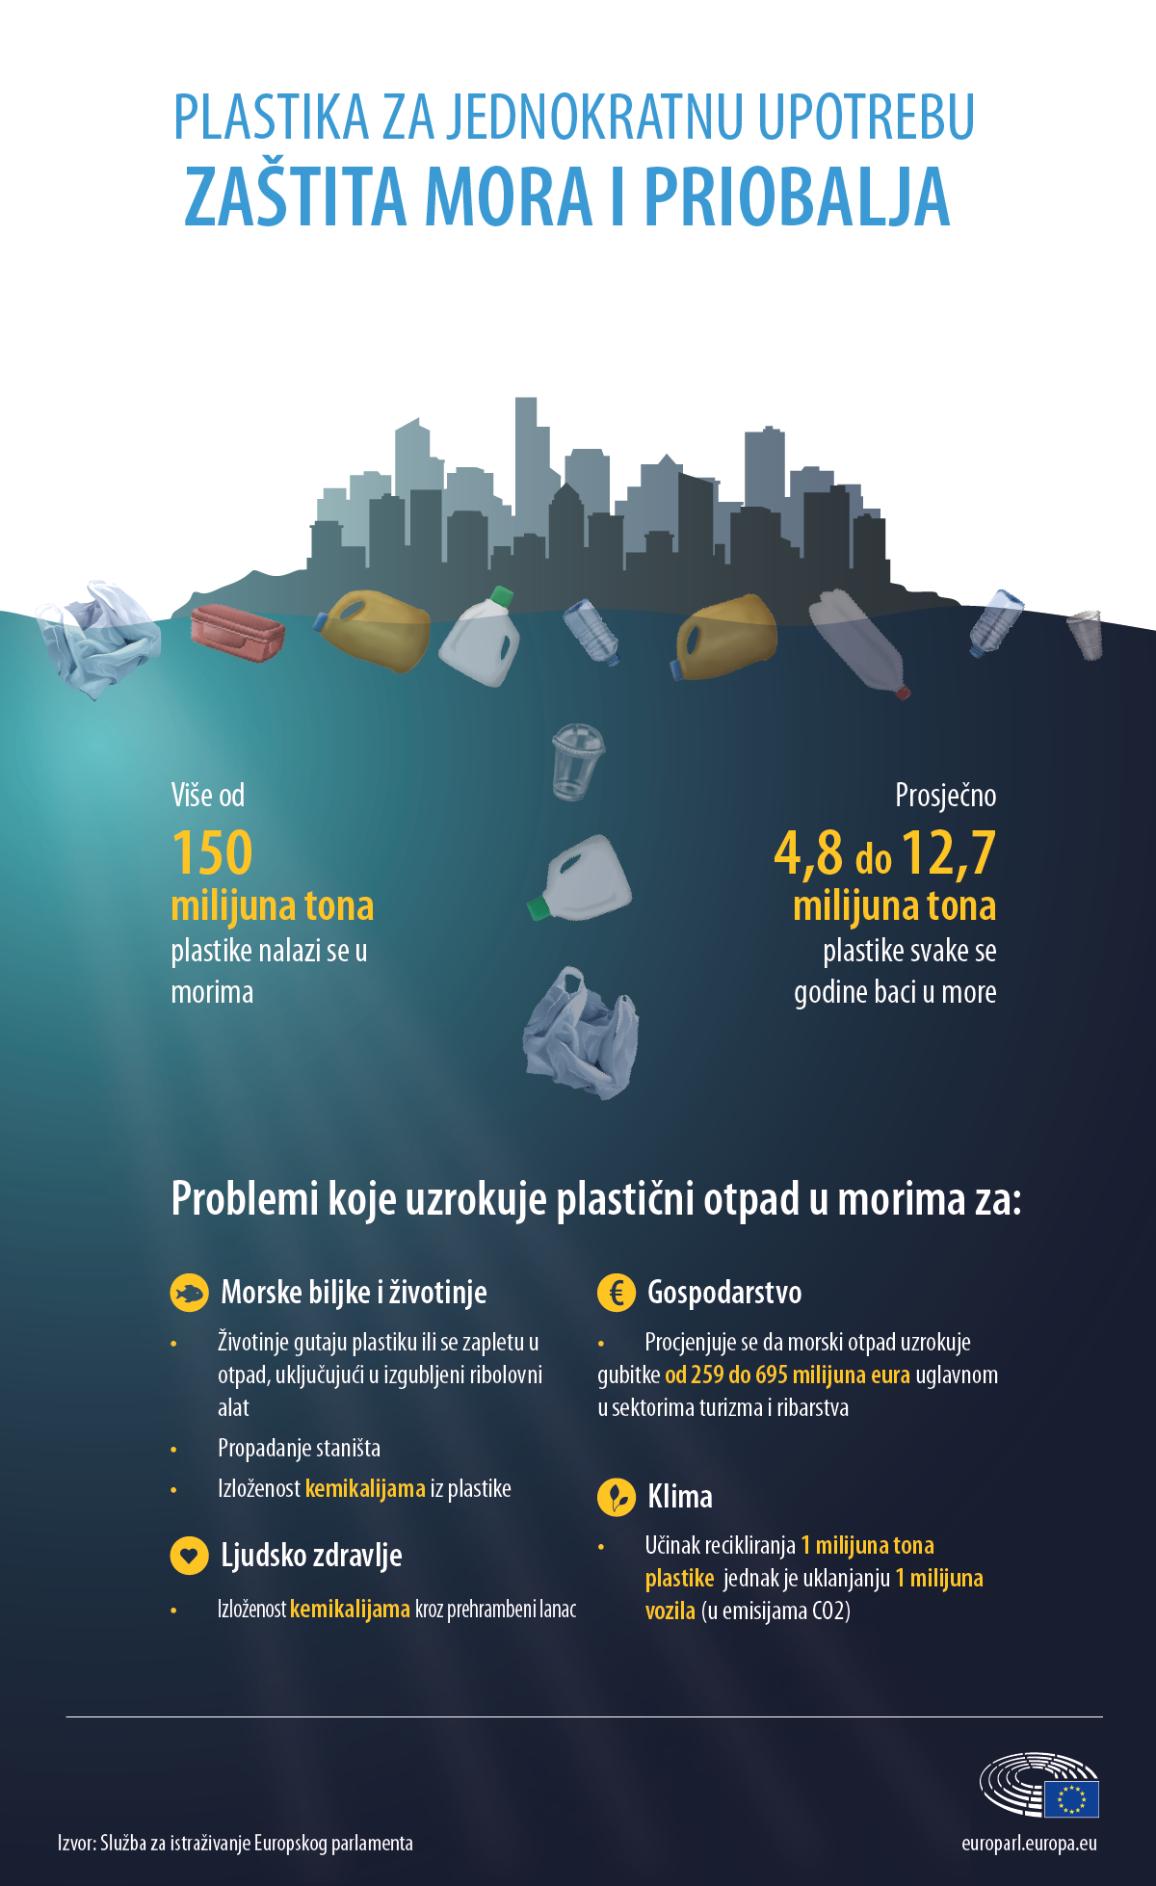 Infografika o količini plastike u morima i problemima koje uzrokuje